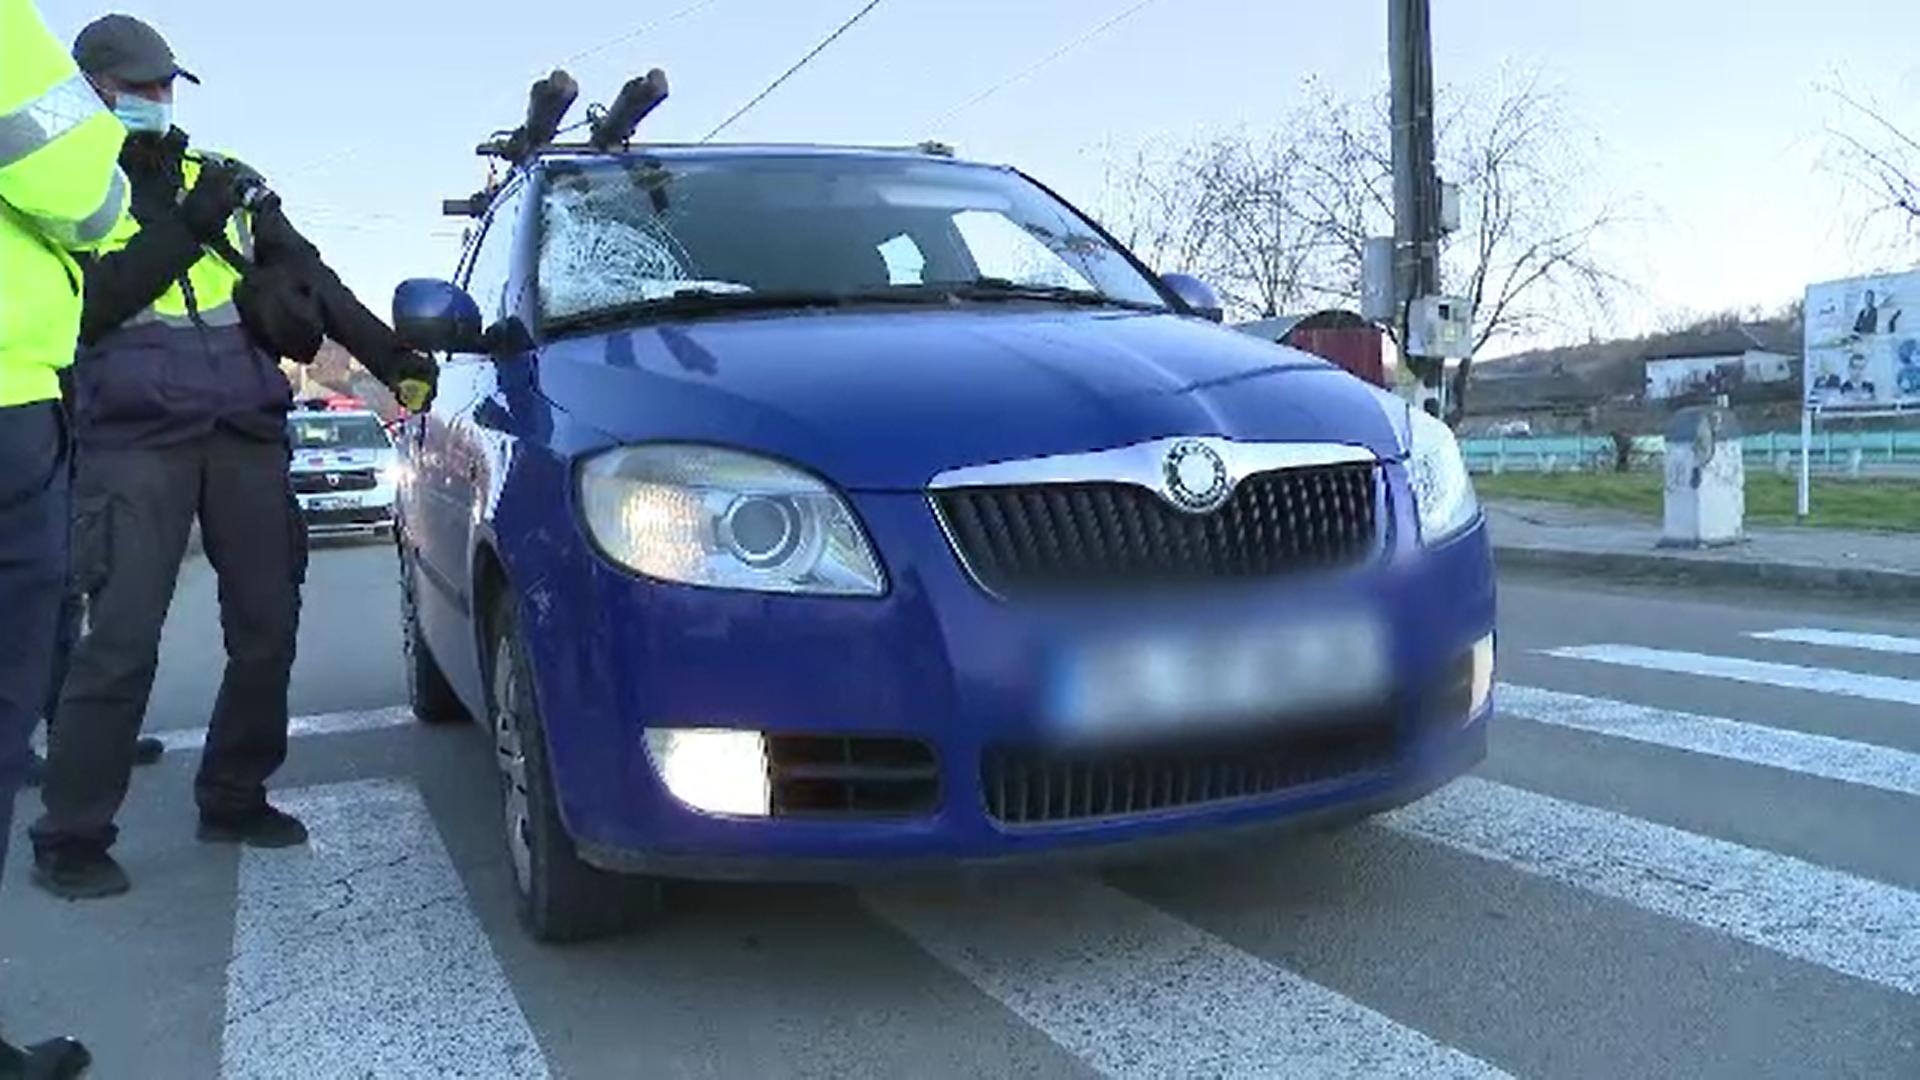 Un bărbat din Tulcea, care era în stare de ebrietate, a intrat într-o mașină care circula regulamentar